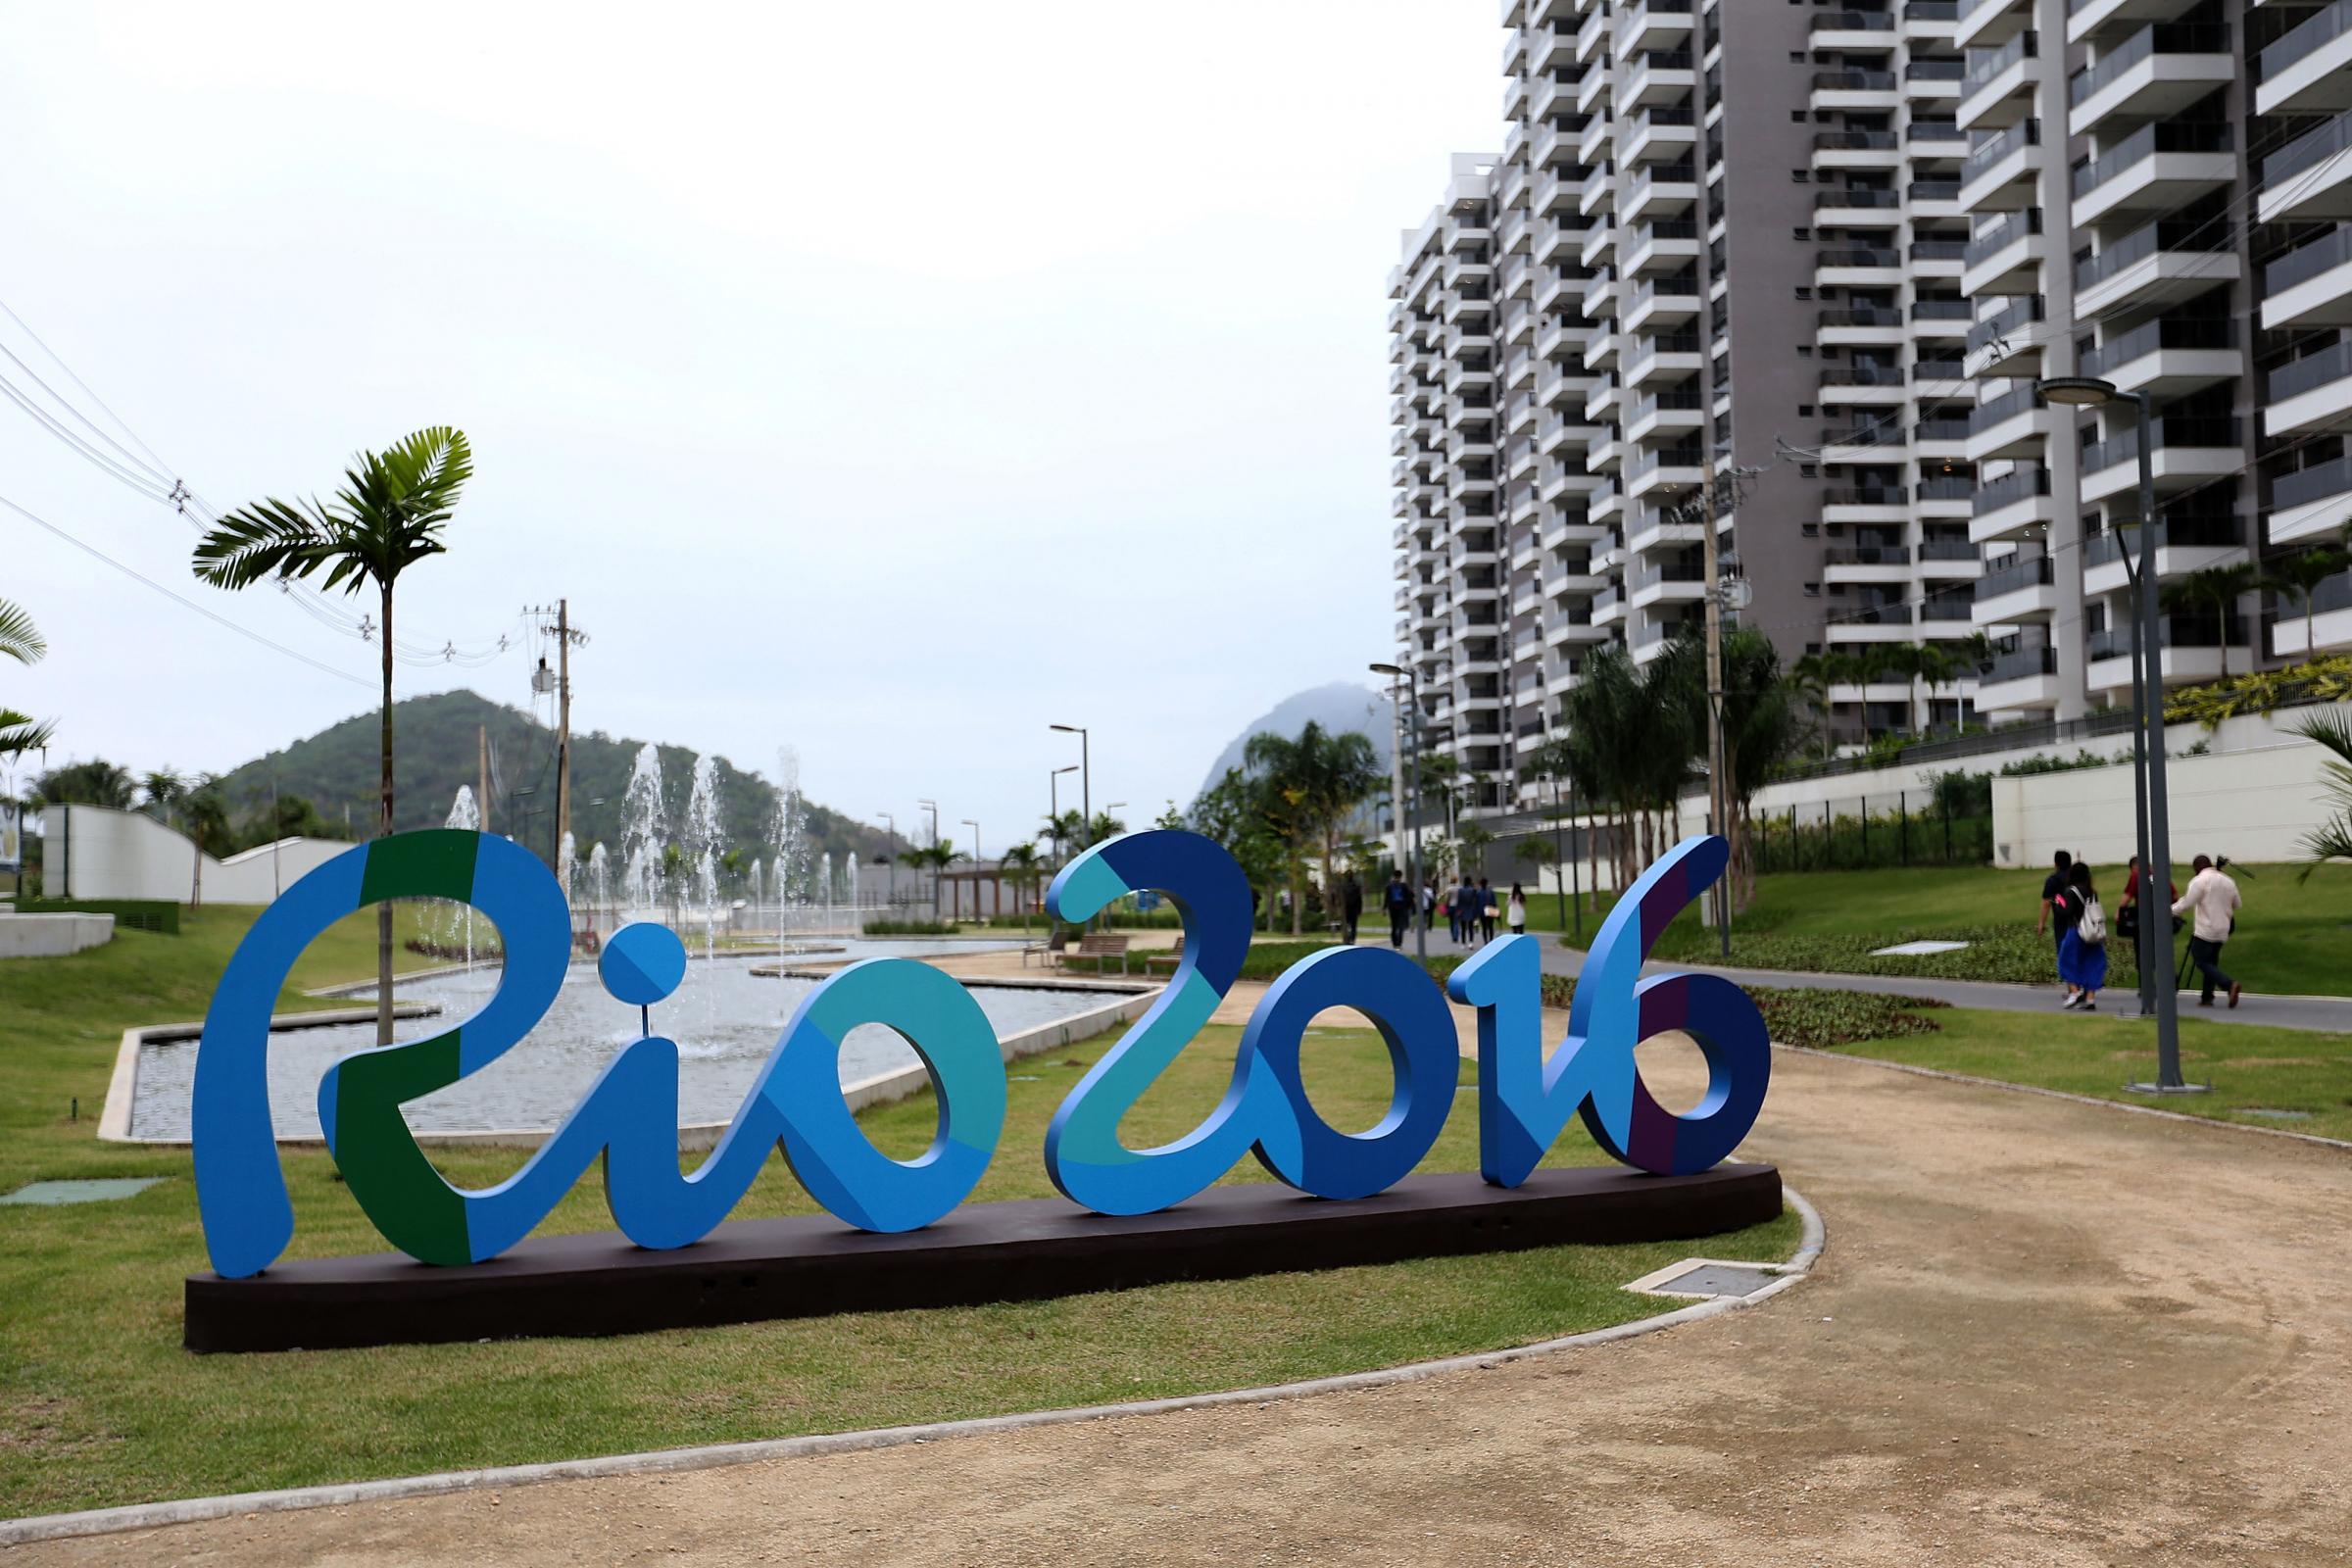 Olimpiadi di Rio 2016: tutte le polemiche intorno ai Giochi